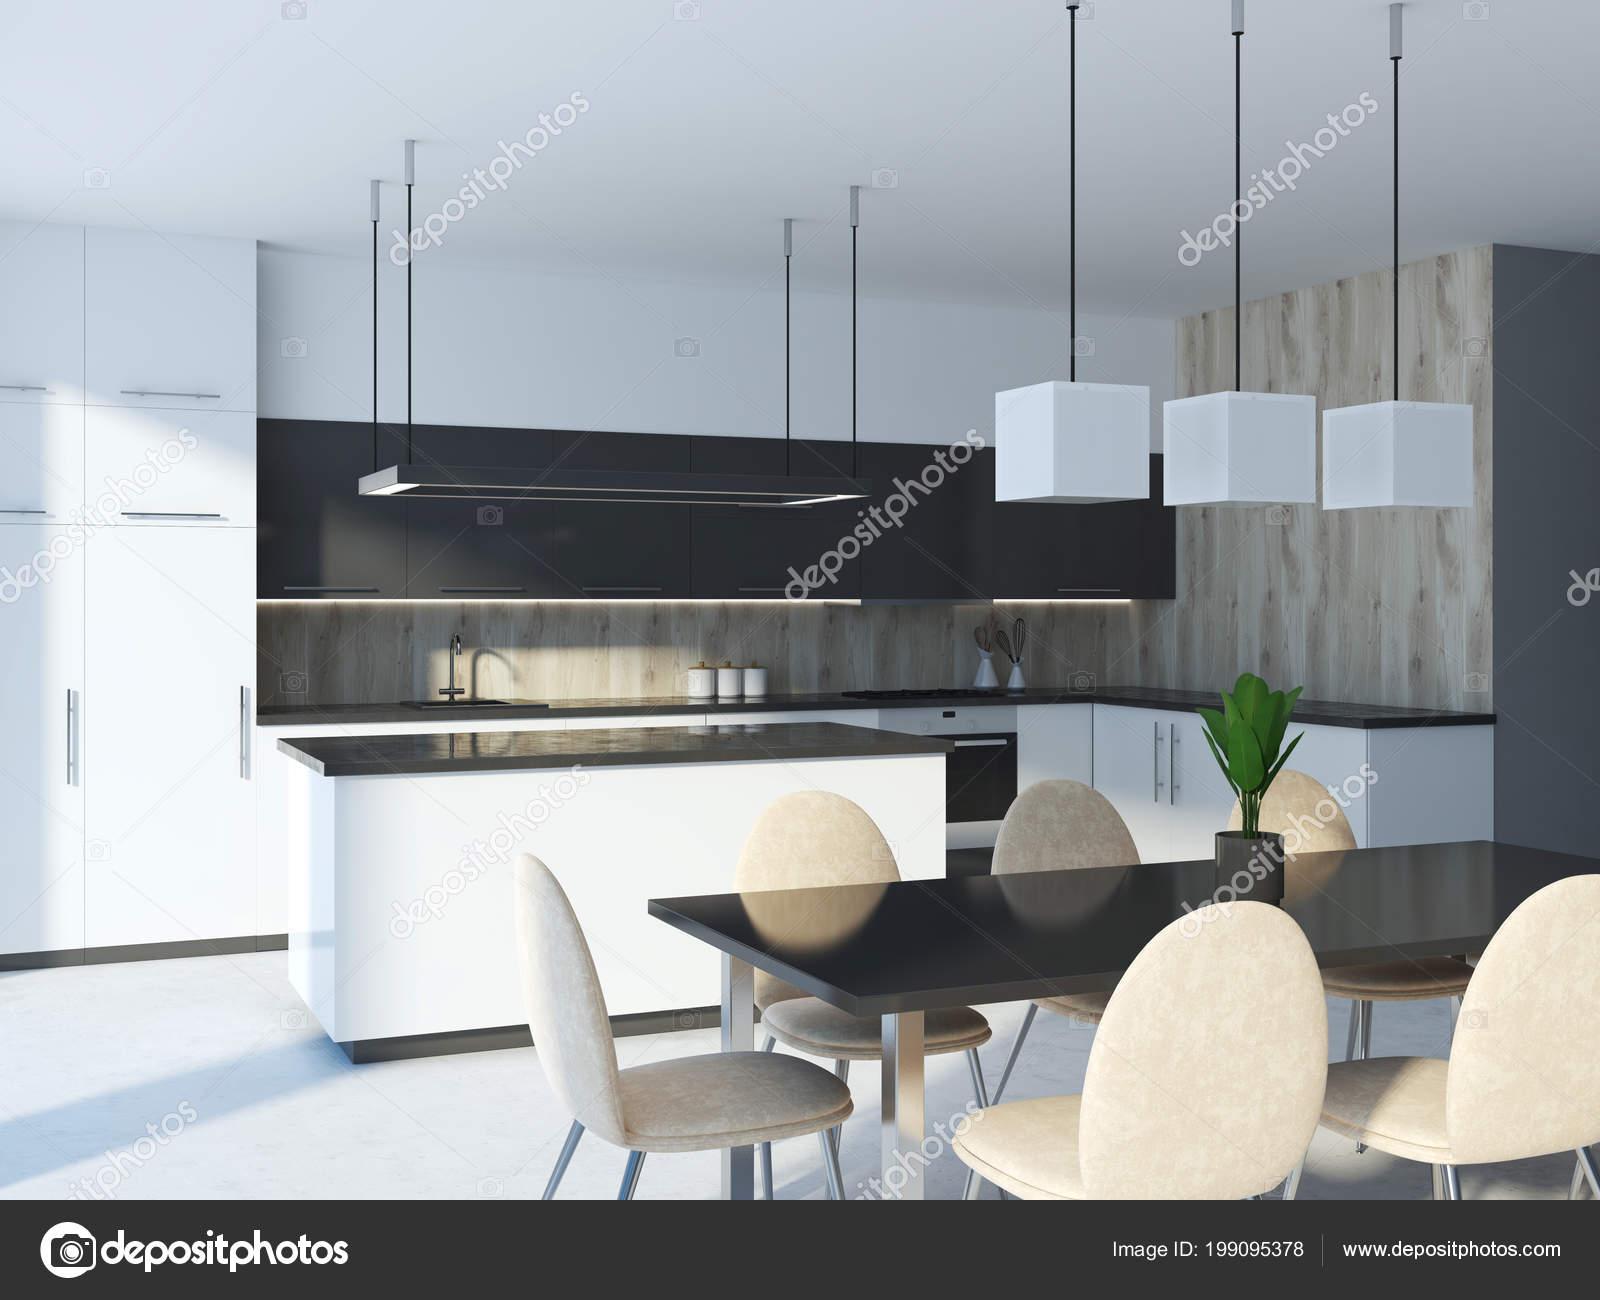 Cucina nera isola trovava vicino controsoffitti bianchi grigi